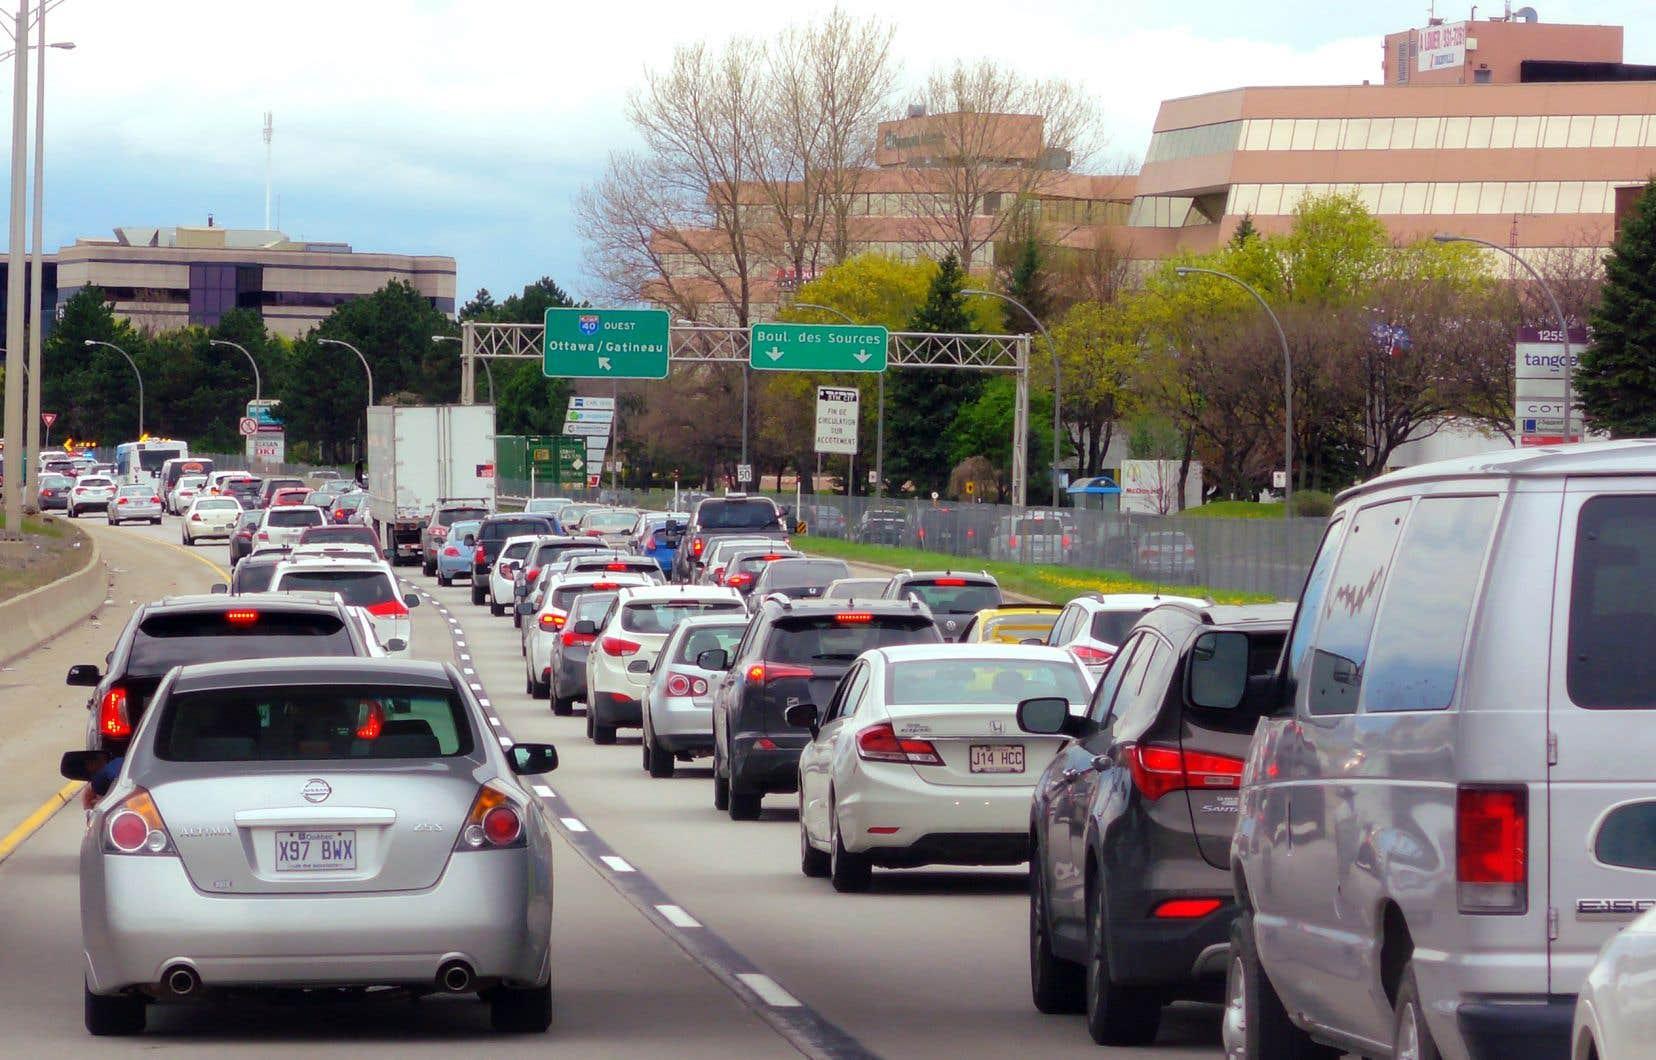 «Le taxi et le covoiturage n'ont certainement pas atteint leur plein potentiel d'efficacité et de services offerts aux citoyens,» affirme l'auteur.